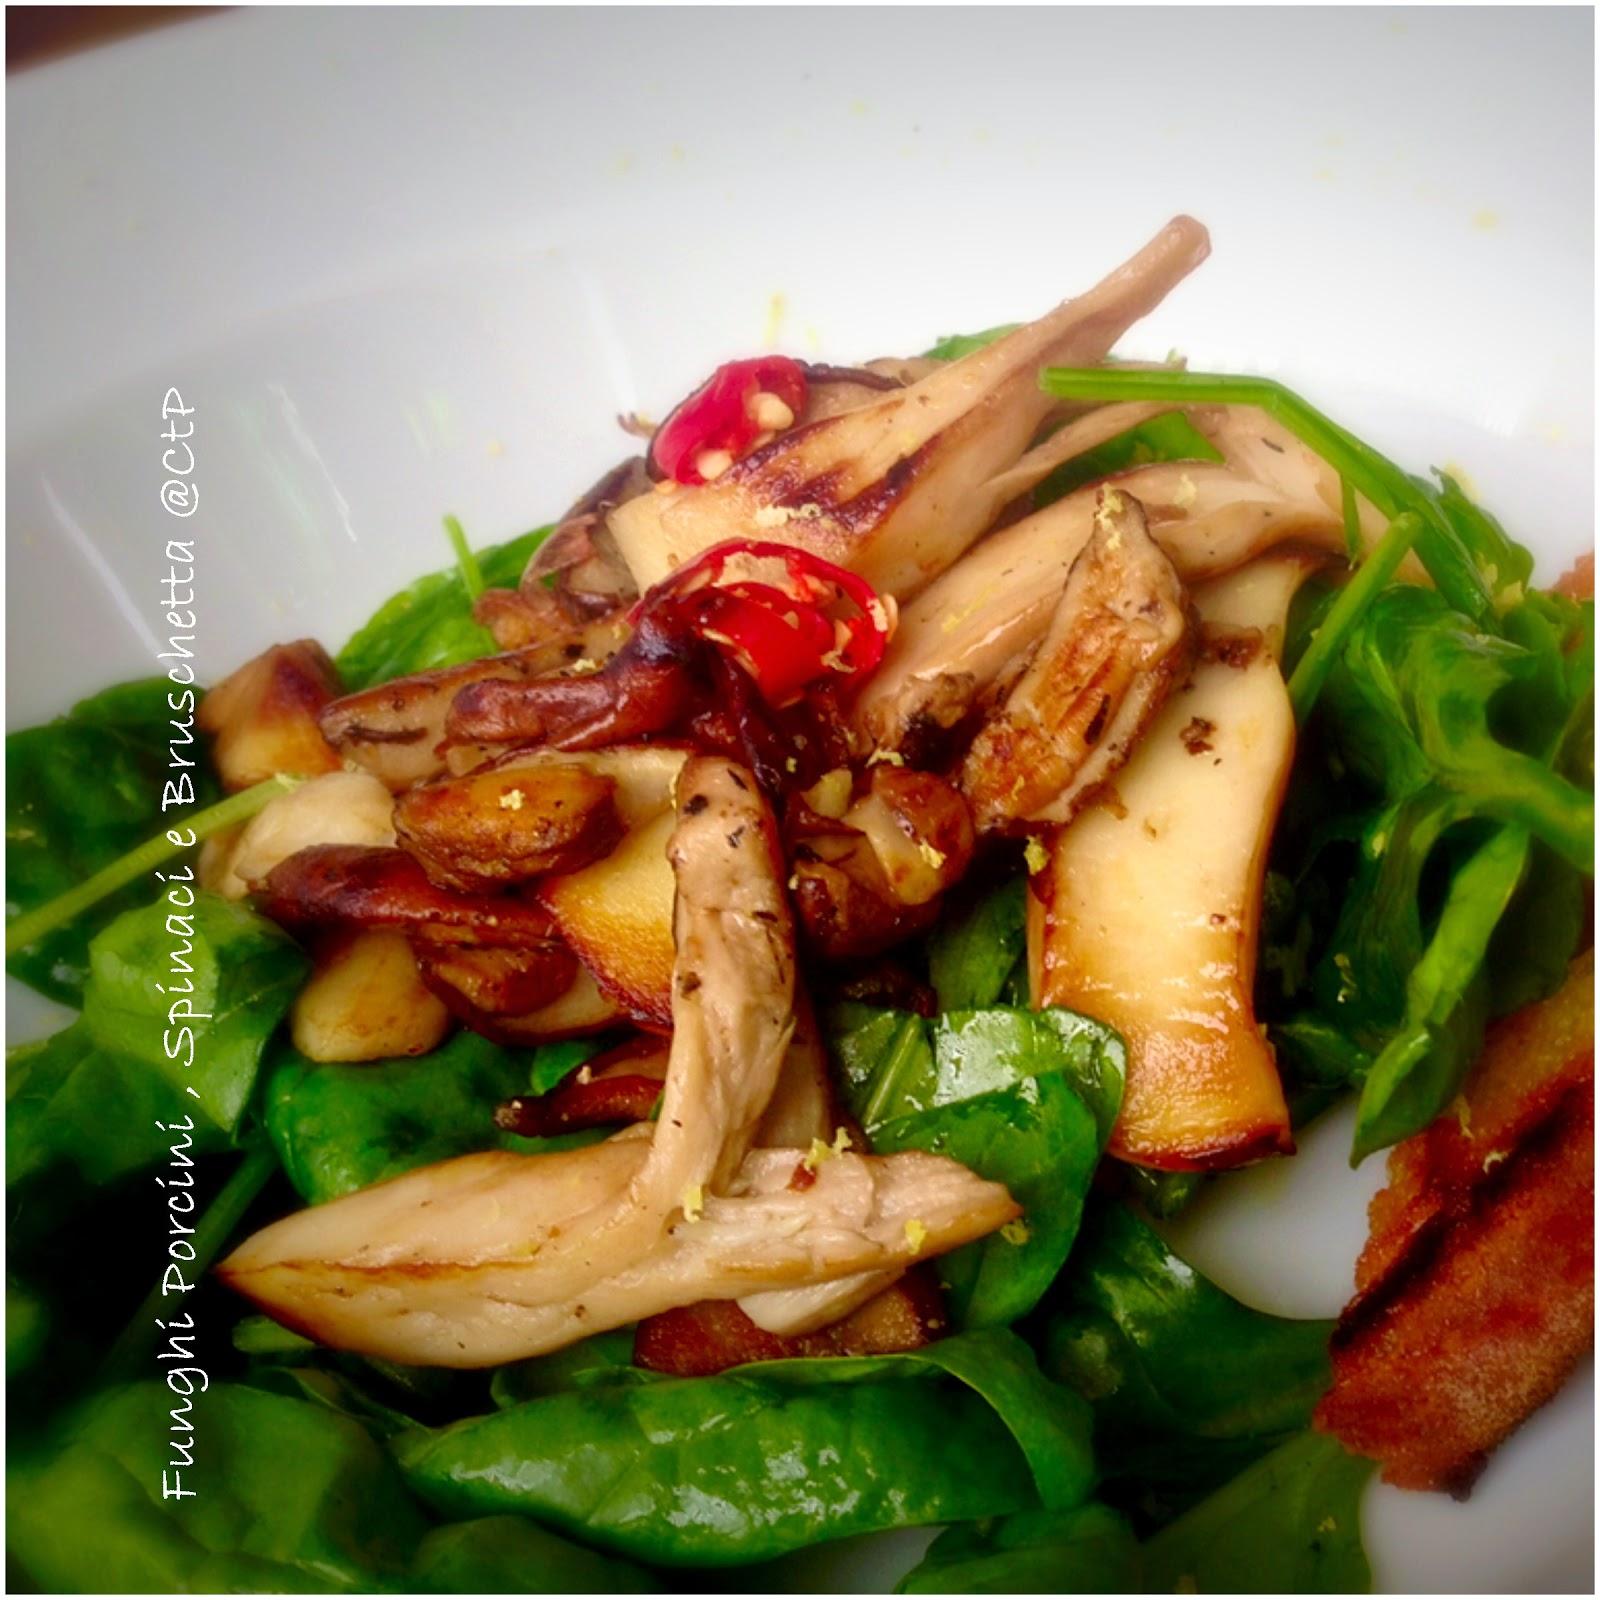 Funghi Porcini, Spinaci e Bruschetta olio extra vergine di oliva peperoncino